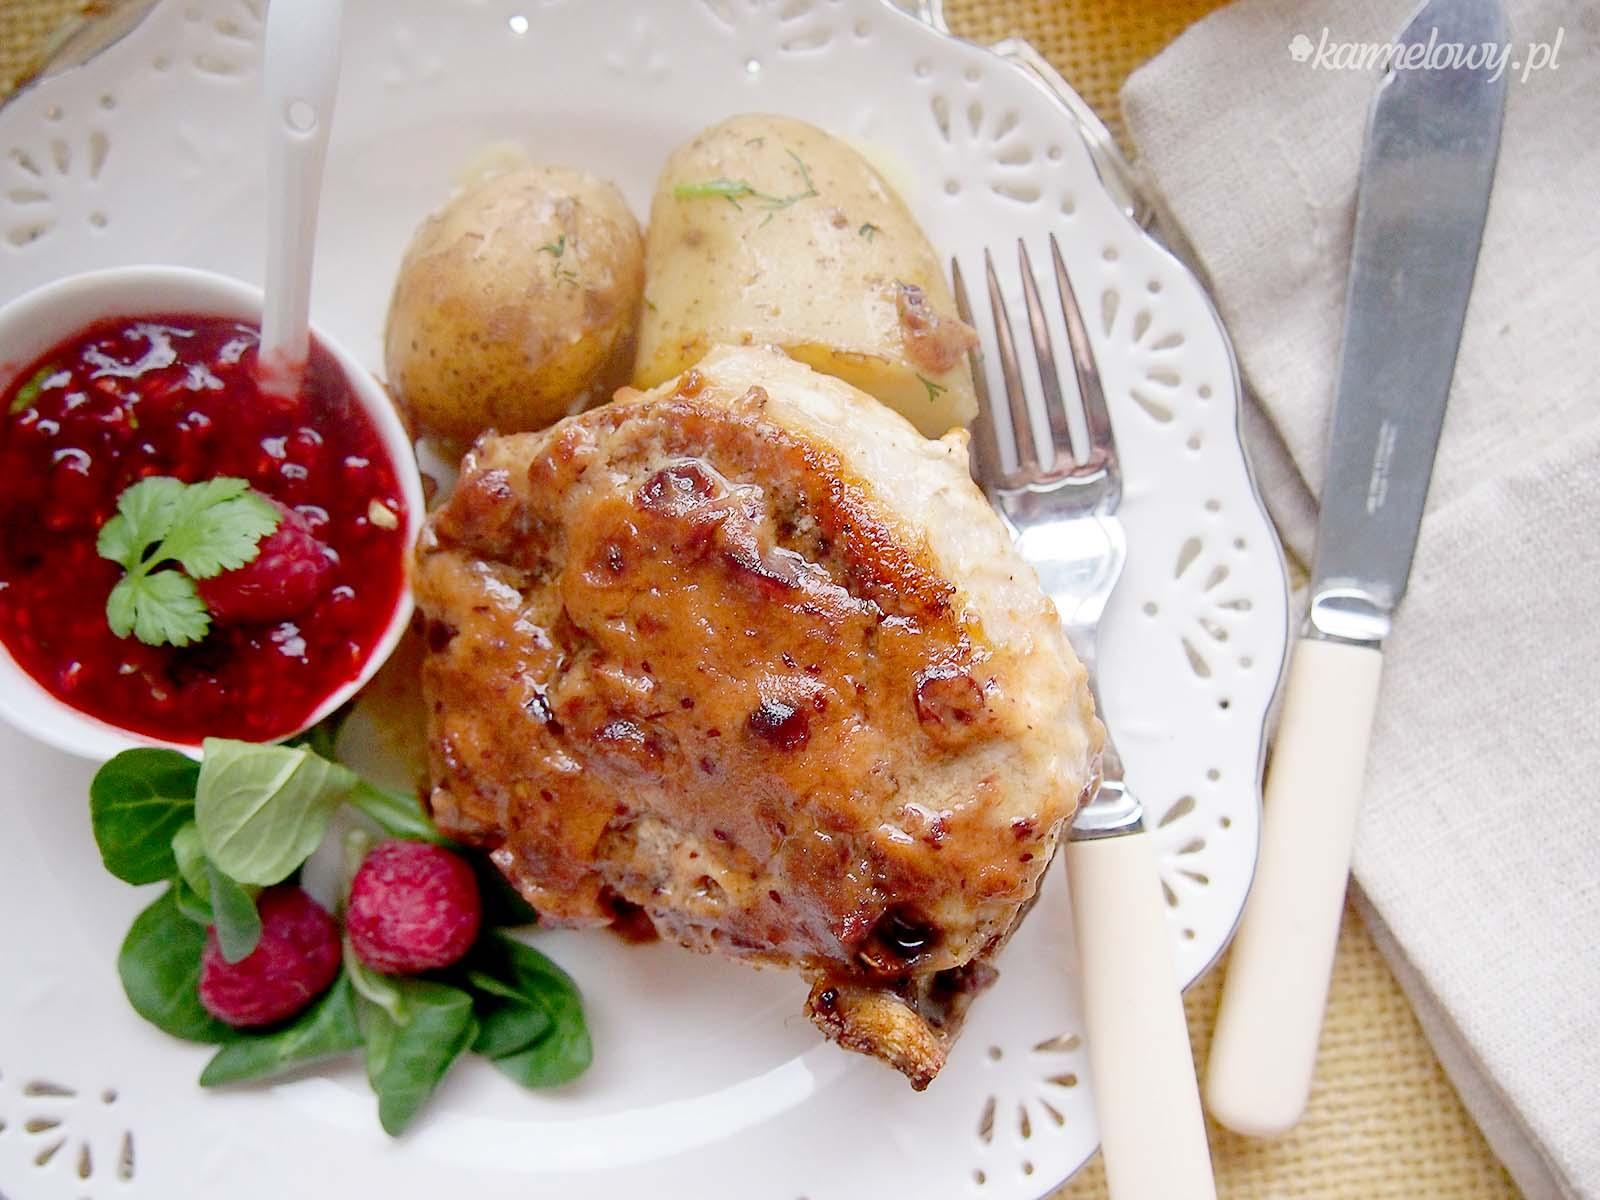 ... sosem malinowym z kolendrą / Pork chops with raspberry cilantro sauce